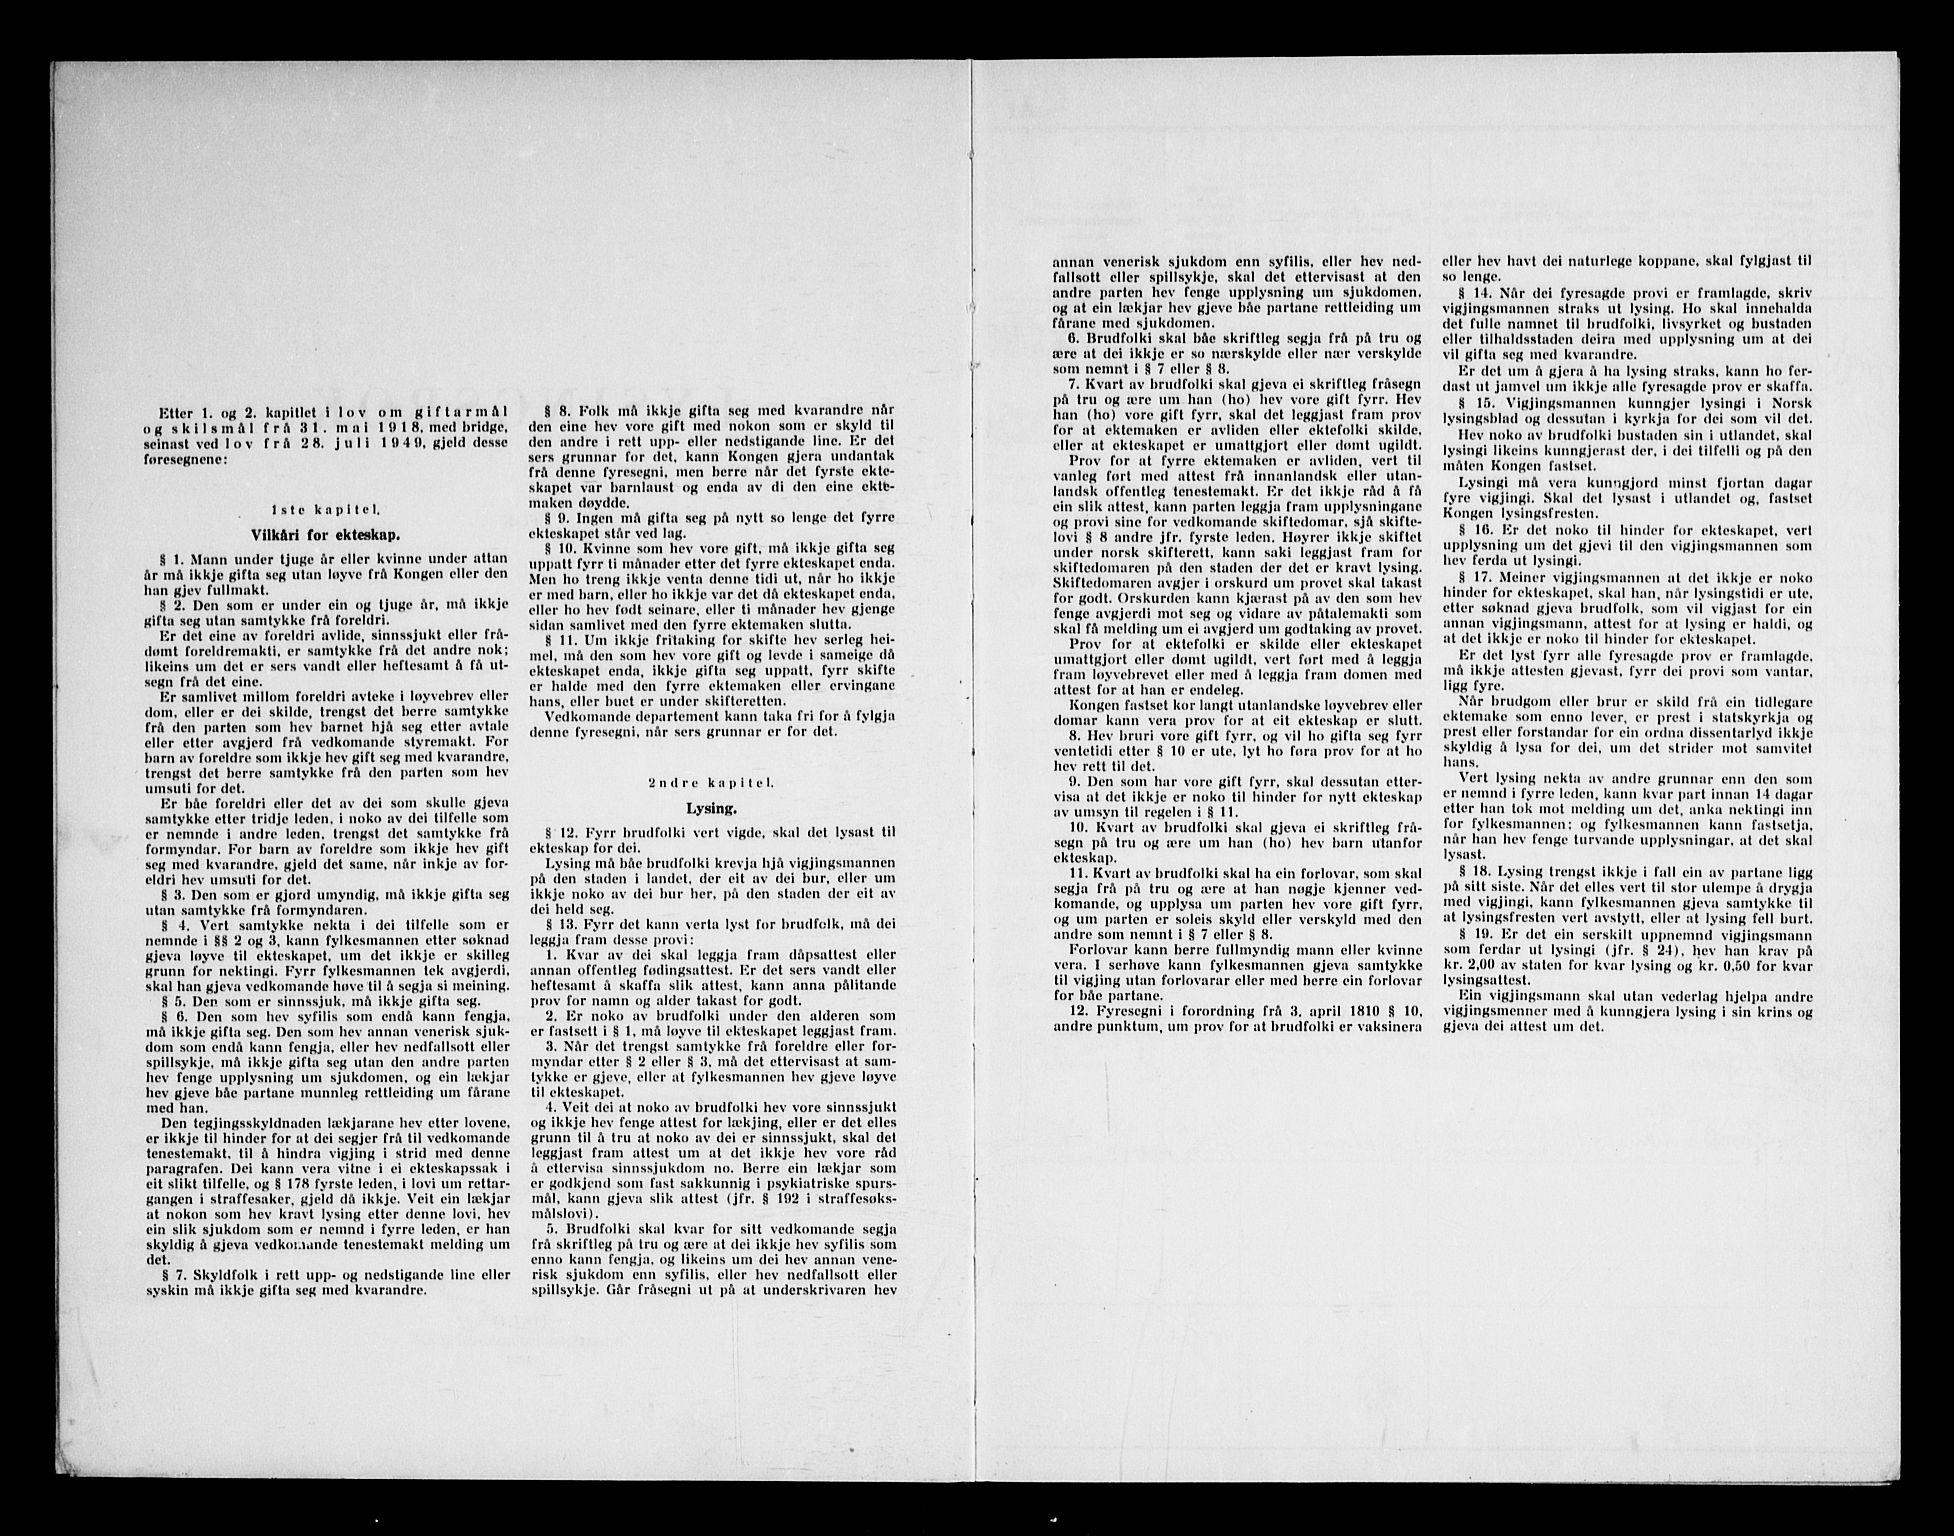 SAKO, Bø kirkebøker, H/Ha/L0002: Lysningsprotokoll nr. 2, 1964-1969